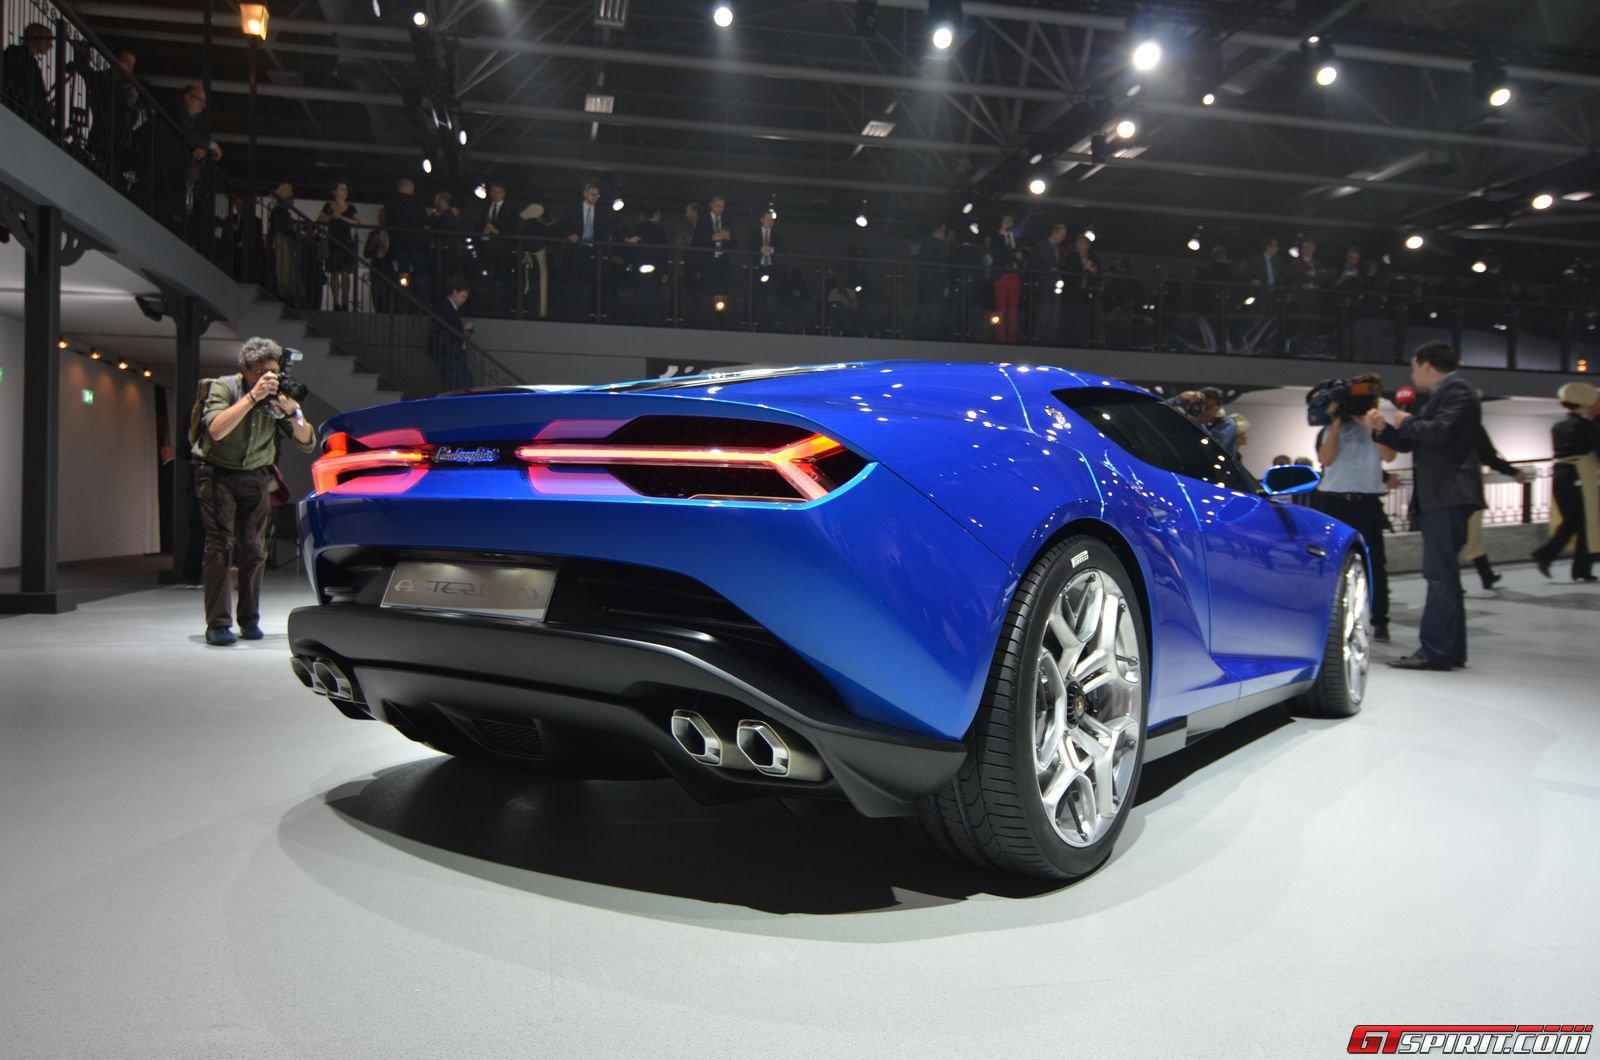 Bac Mono For Sale >> Paris 2014: Lamborghini Asterion LPI910-4 Hybrid Coupe Concept - GTspirit